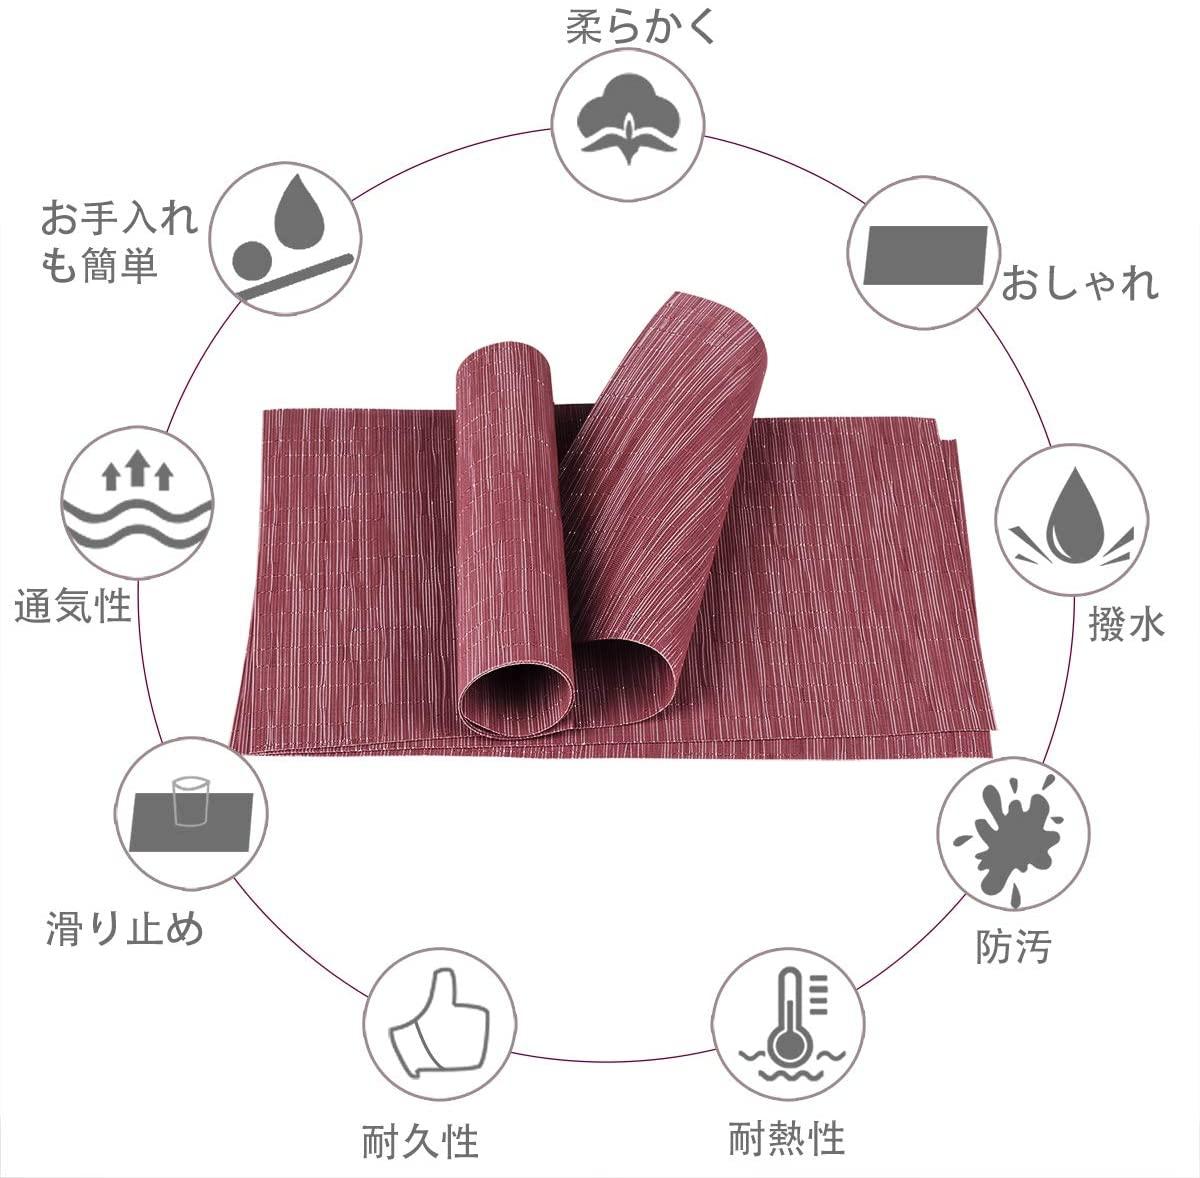 アオケシランチョンマット 4枚セット ワインレッドの商品画像6